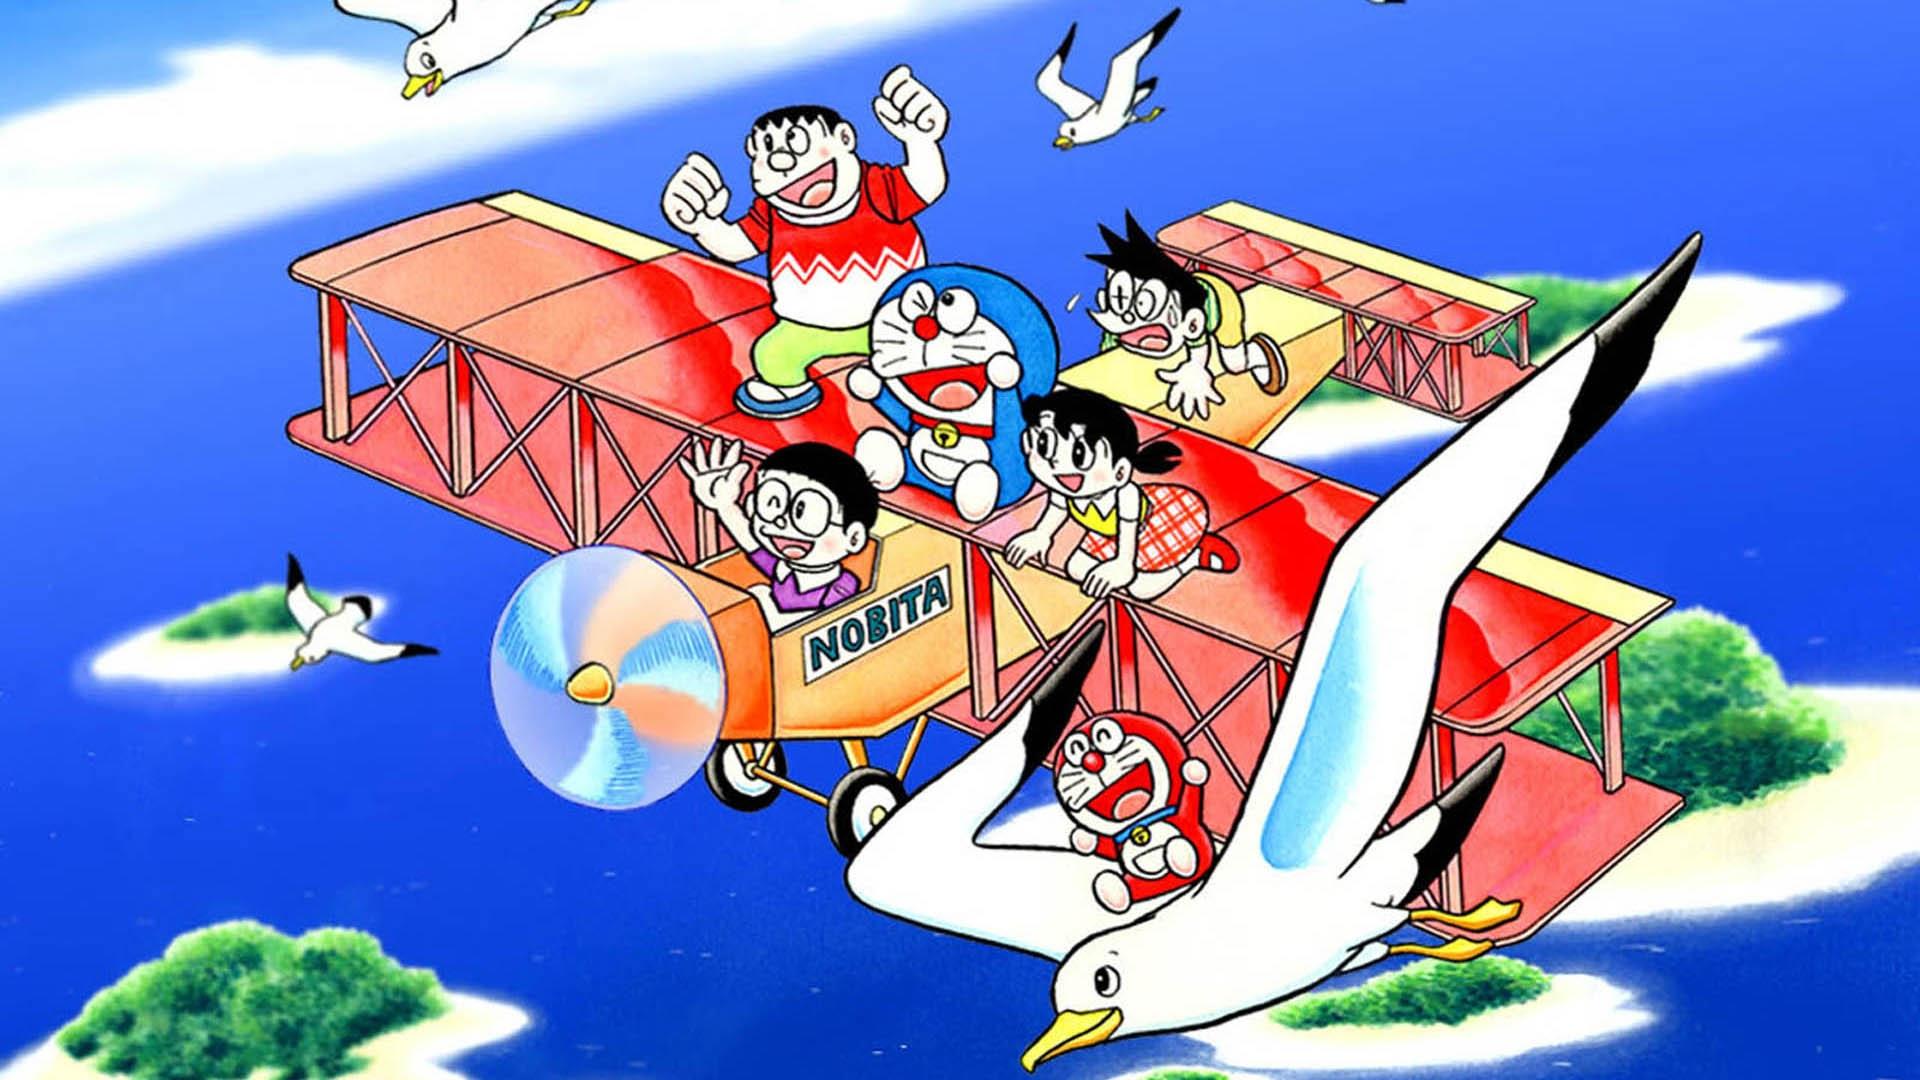 Doraemon Rajai Box Fice Jepang Catatkan Keuntungan Rp114 2